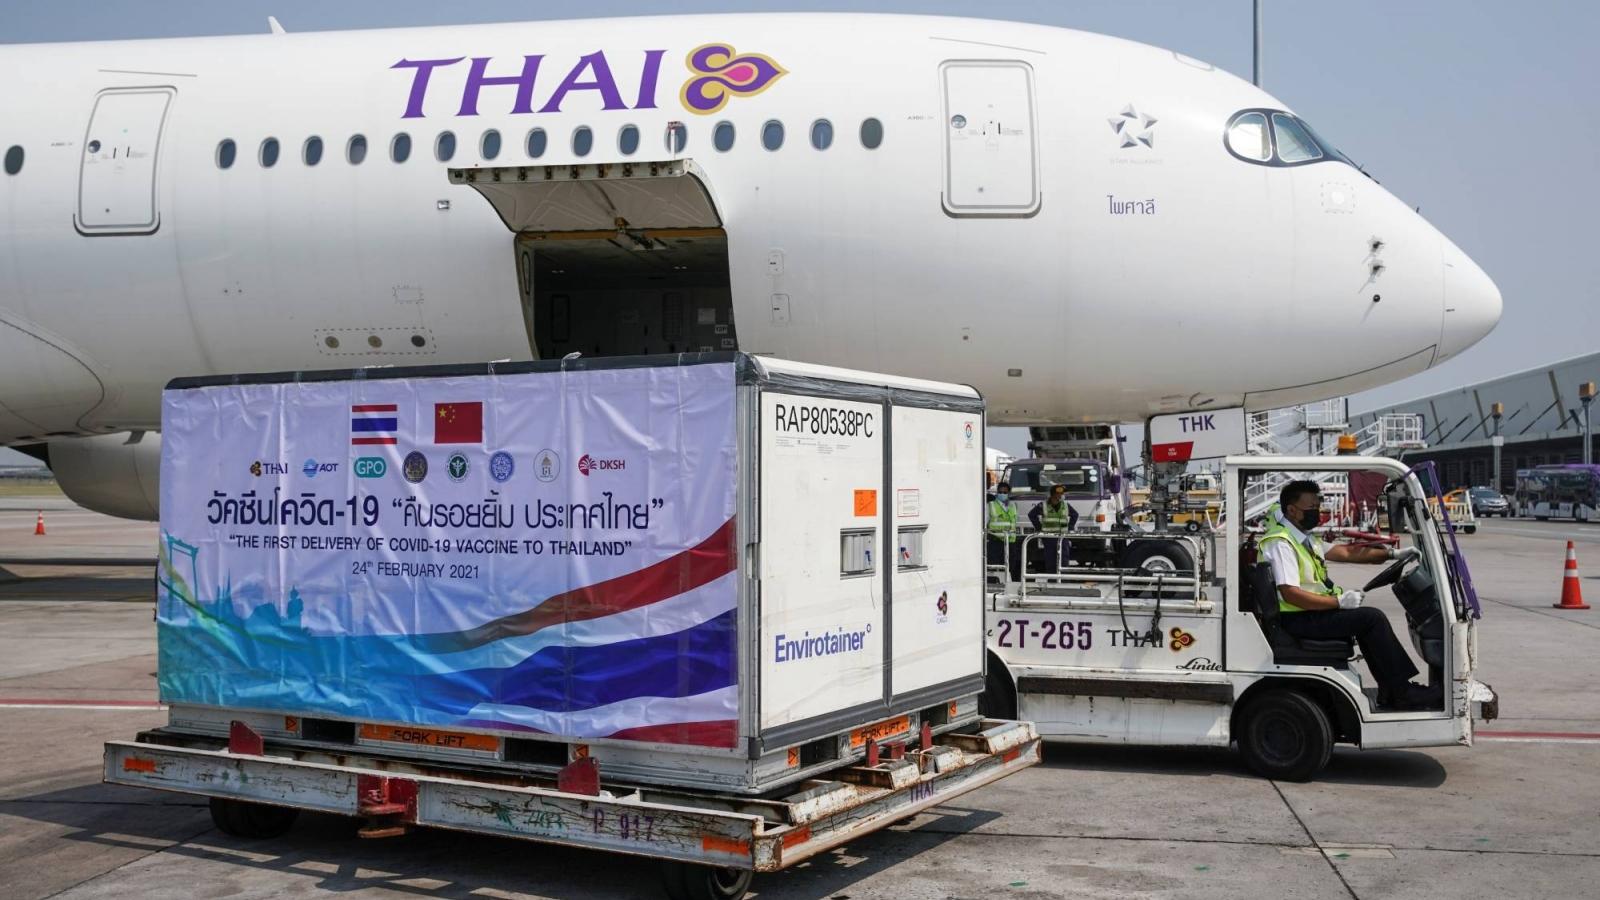 Thái Lan nhận lô vaccine Covid-19 đầu tiên